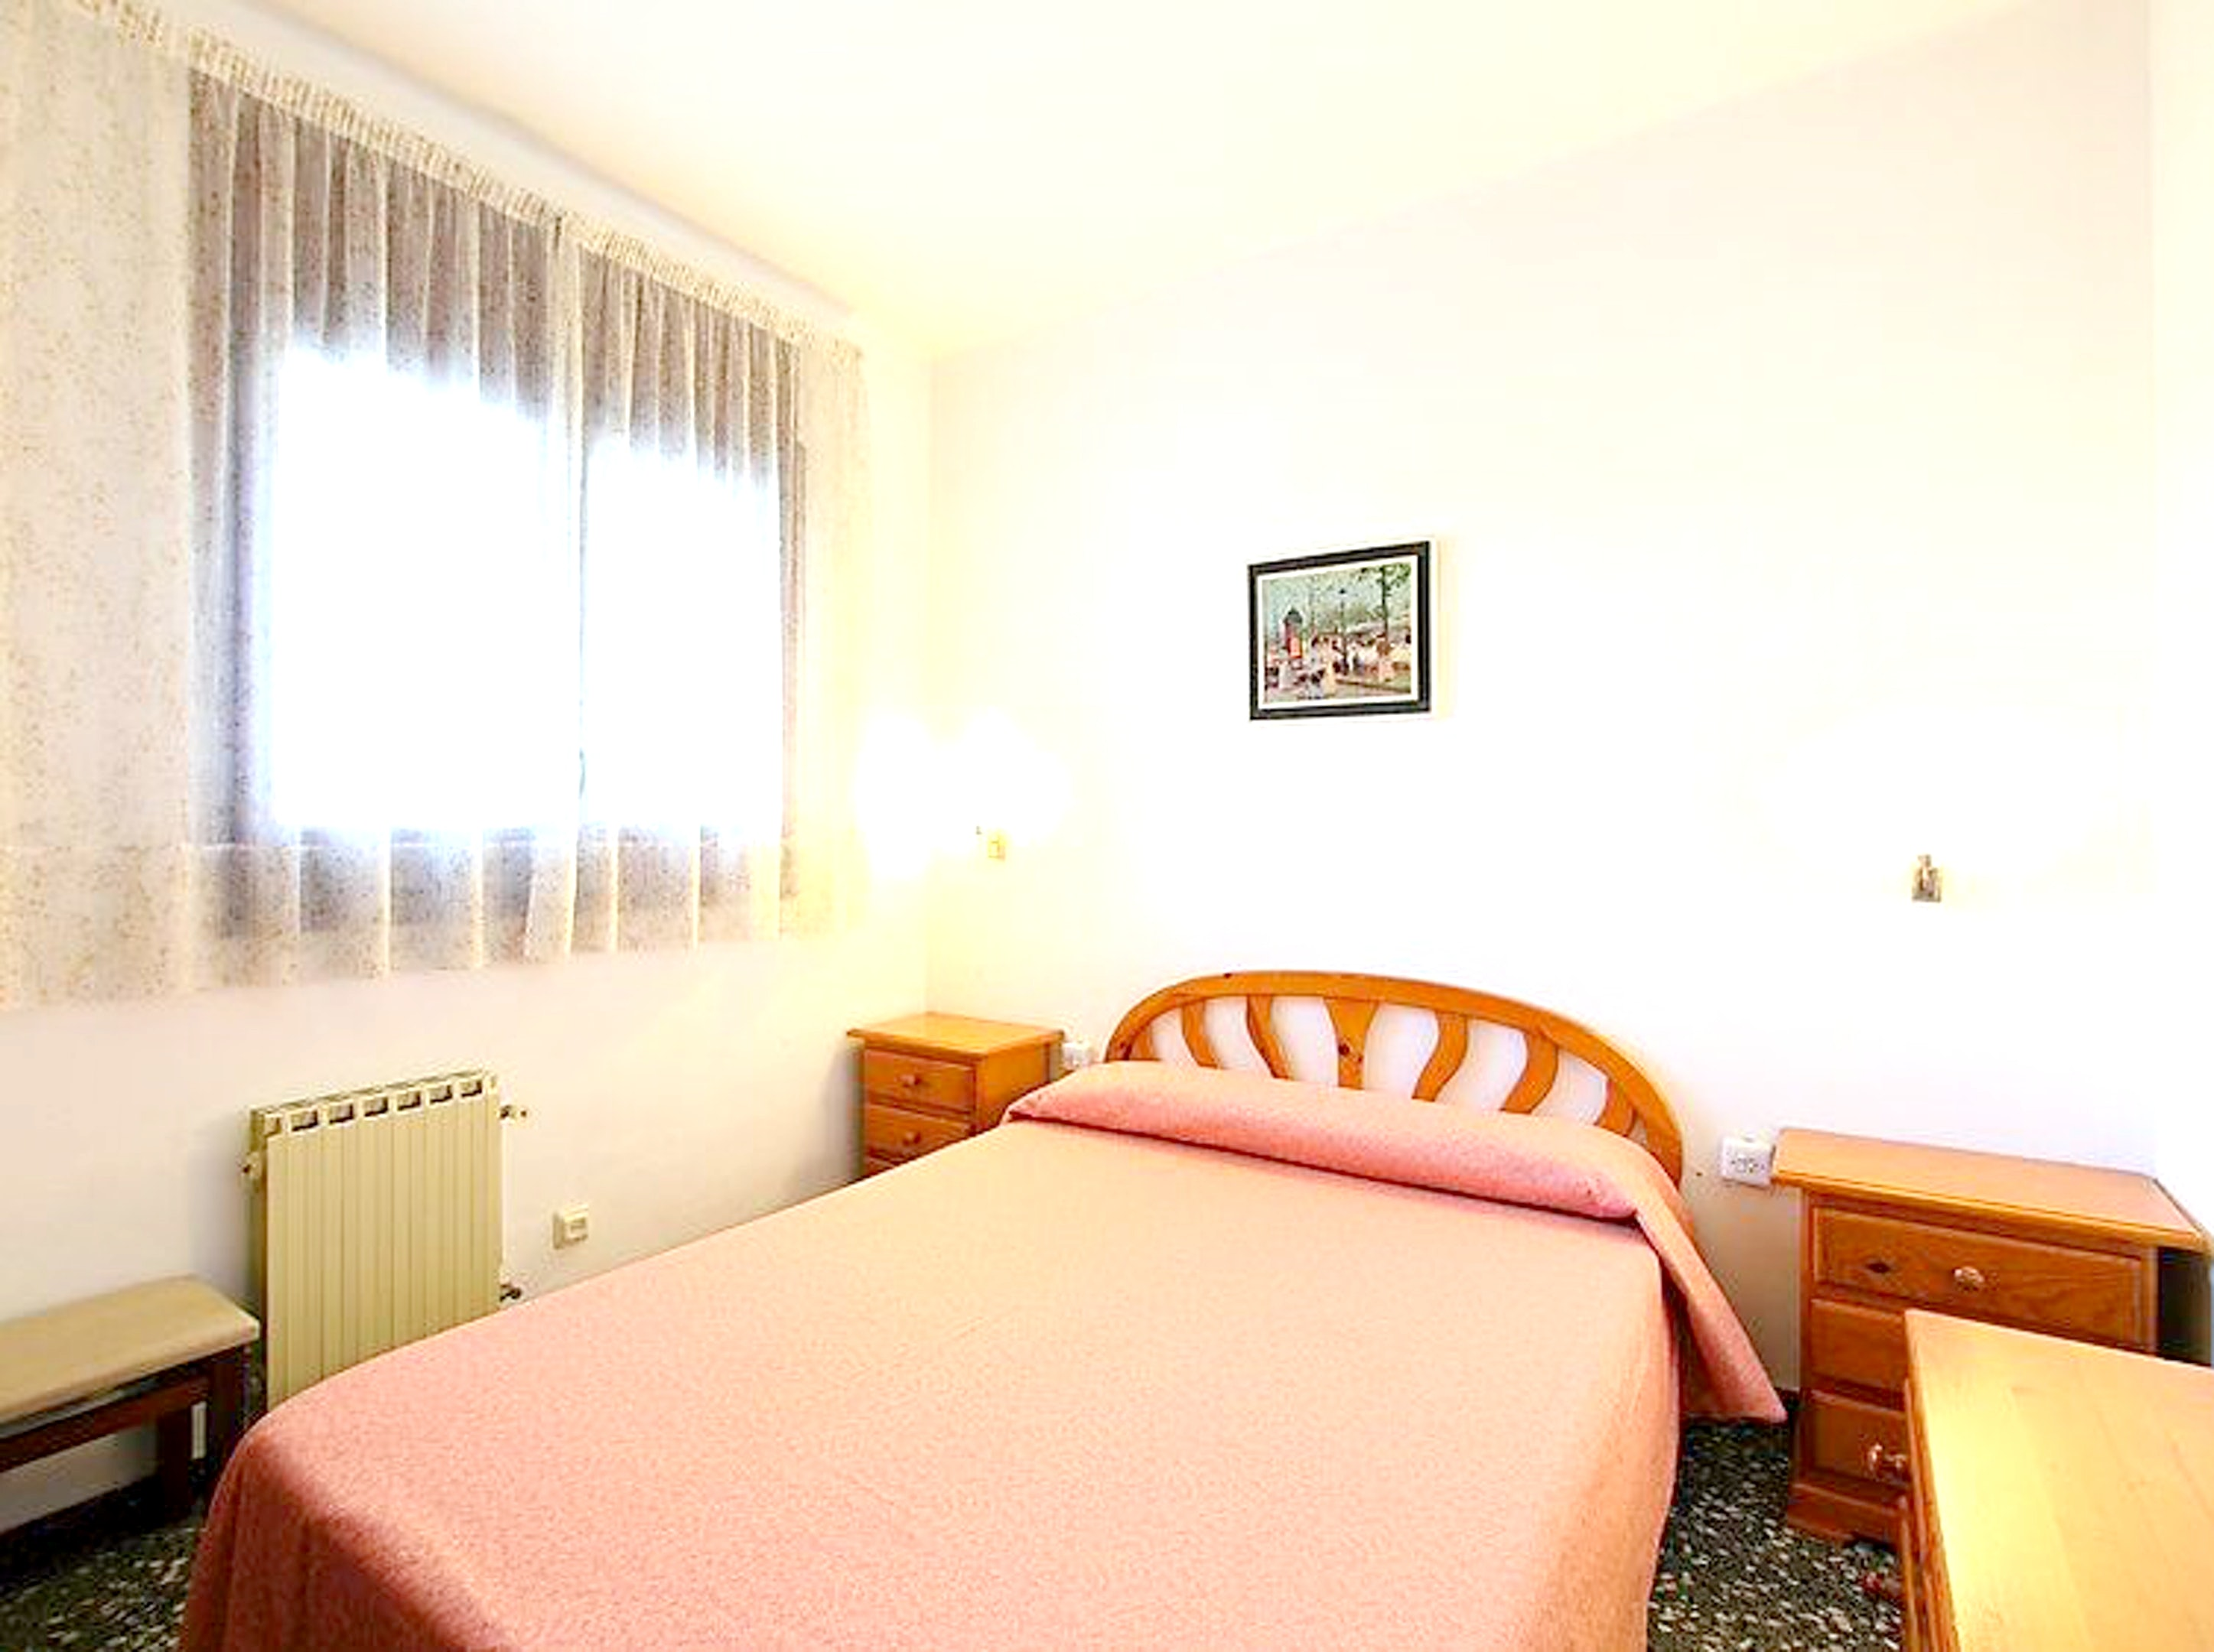 Ferienhaus Villa mit 6 Schlafzimmern in Canyelles mit toller Aussicht auf die Berge, privatem Pool, e (2339365), Canyelles, Costa del Garraf, Katalonien, Spanien, Bild 15